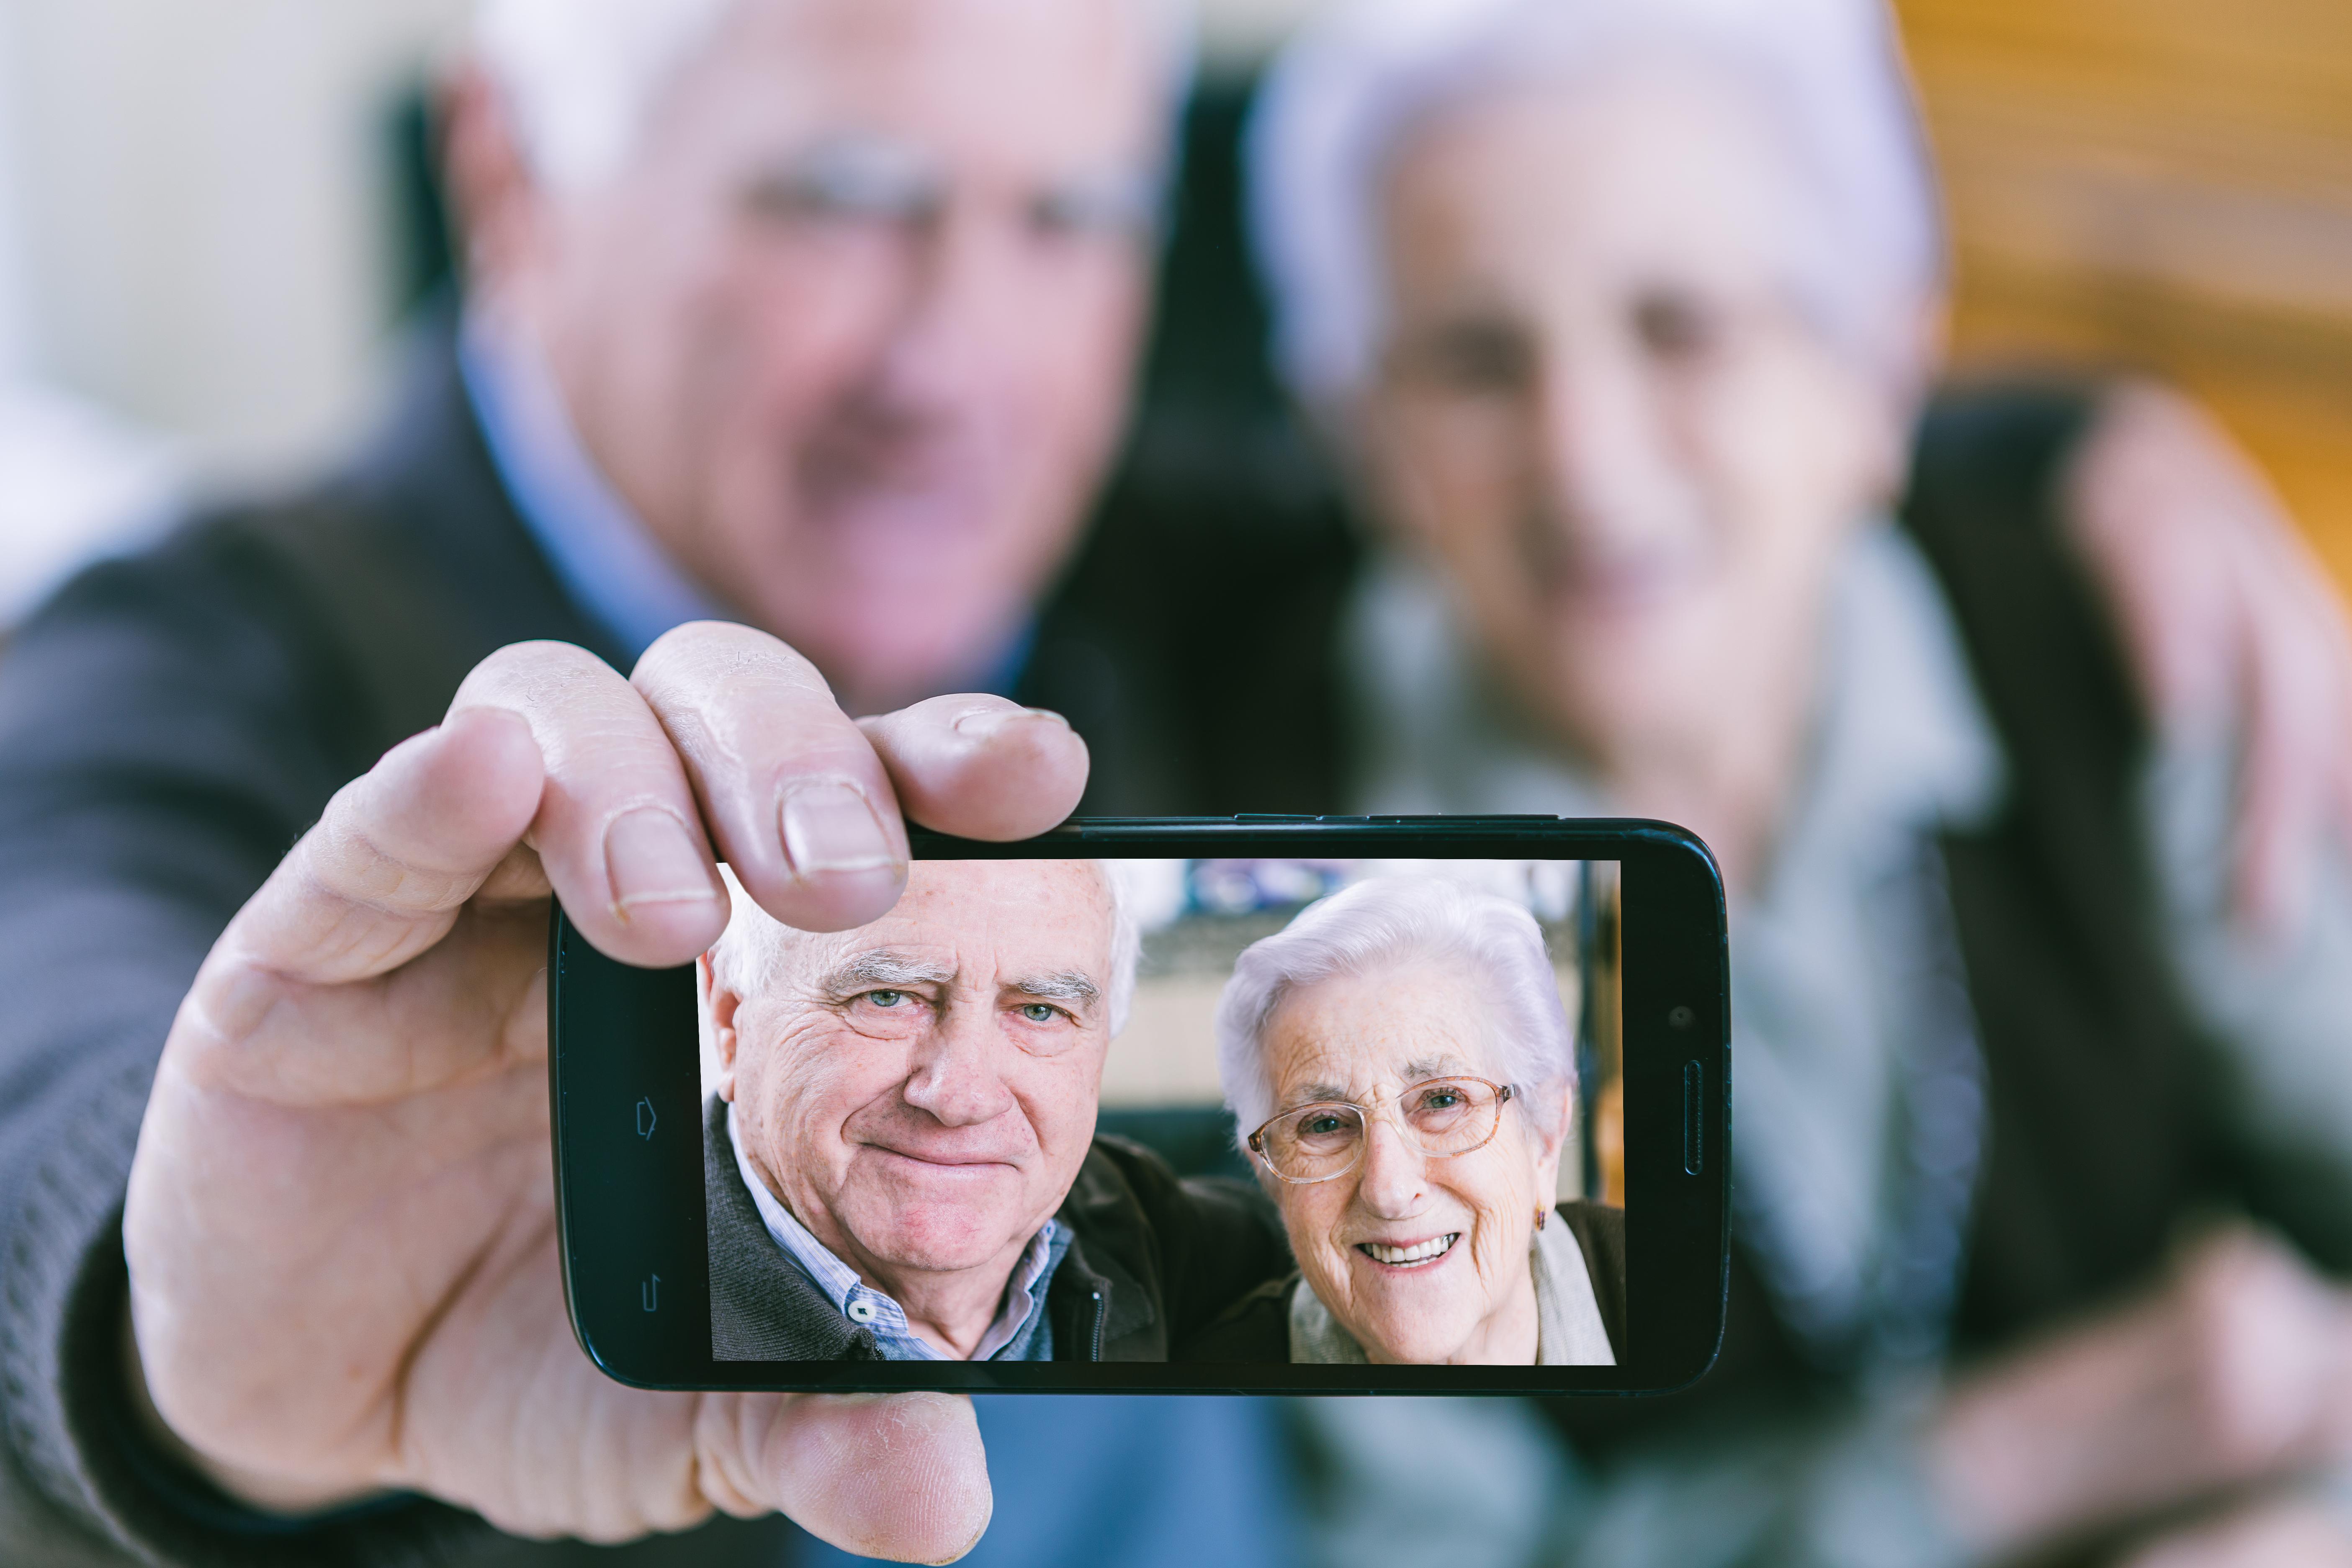 Two elderly people taking a selfie